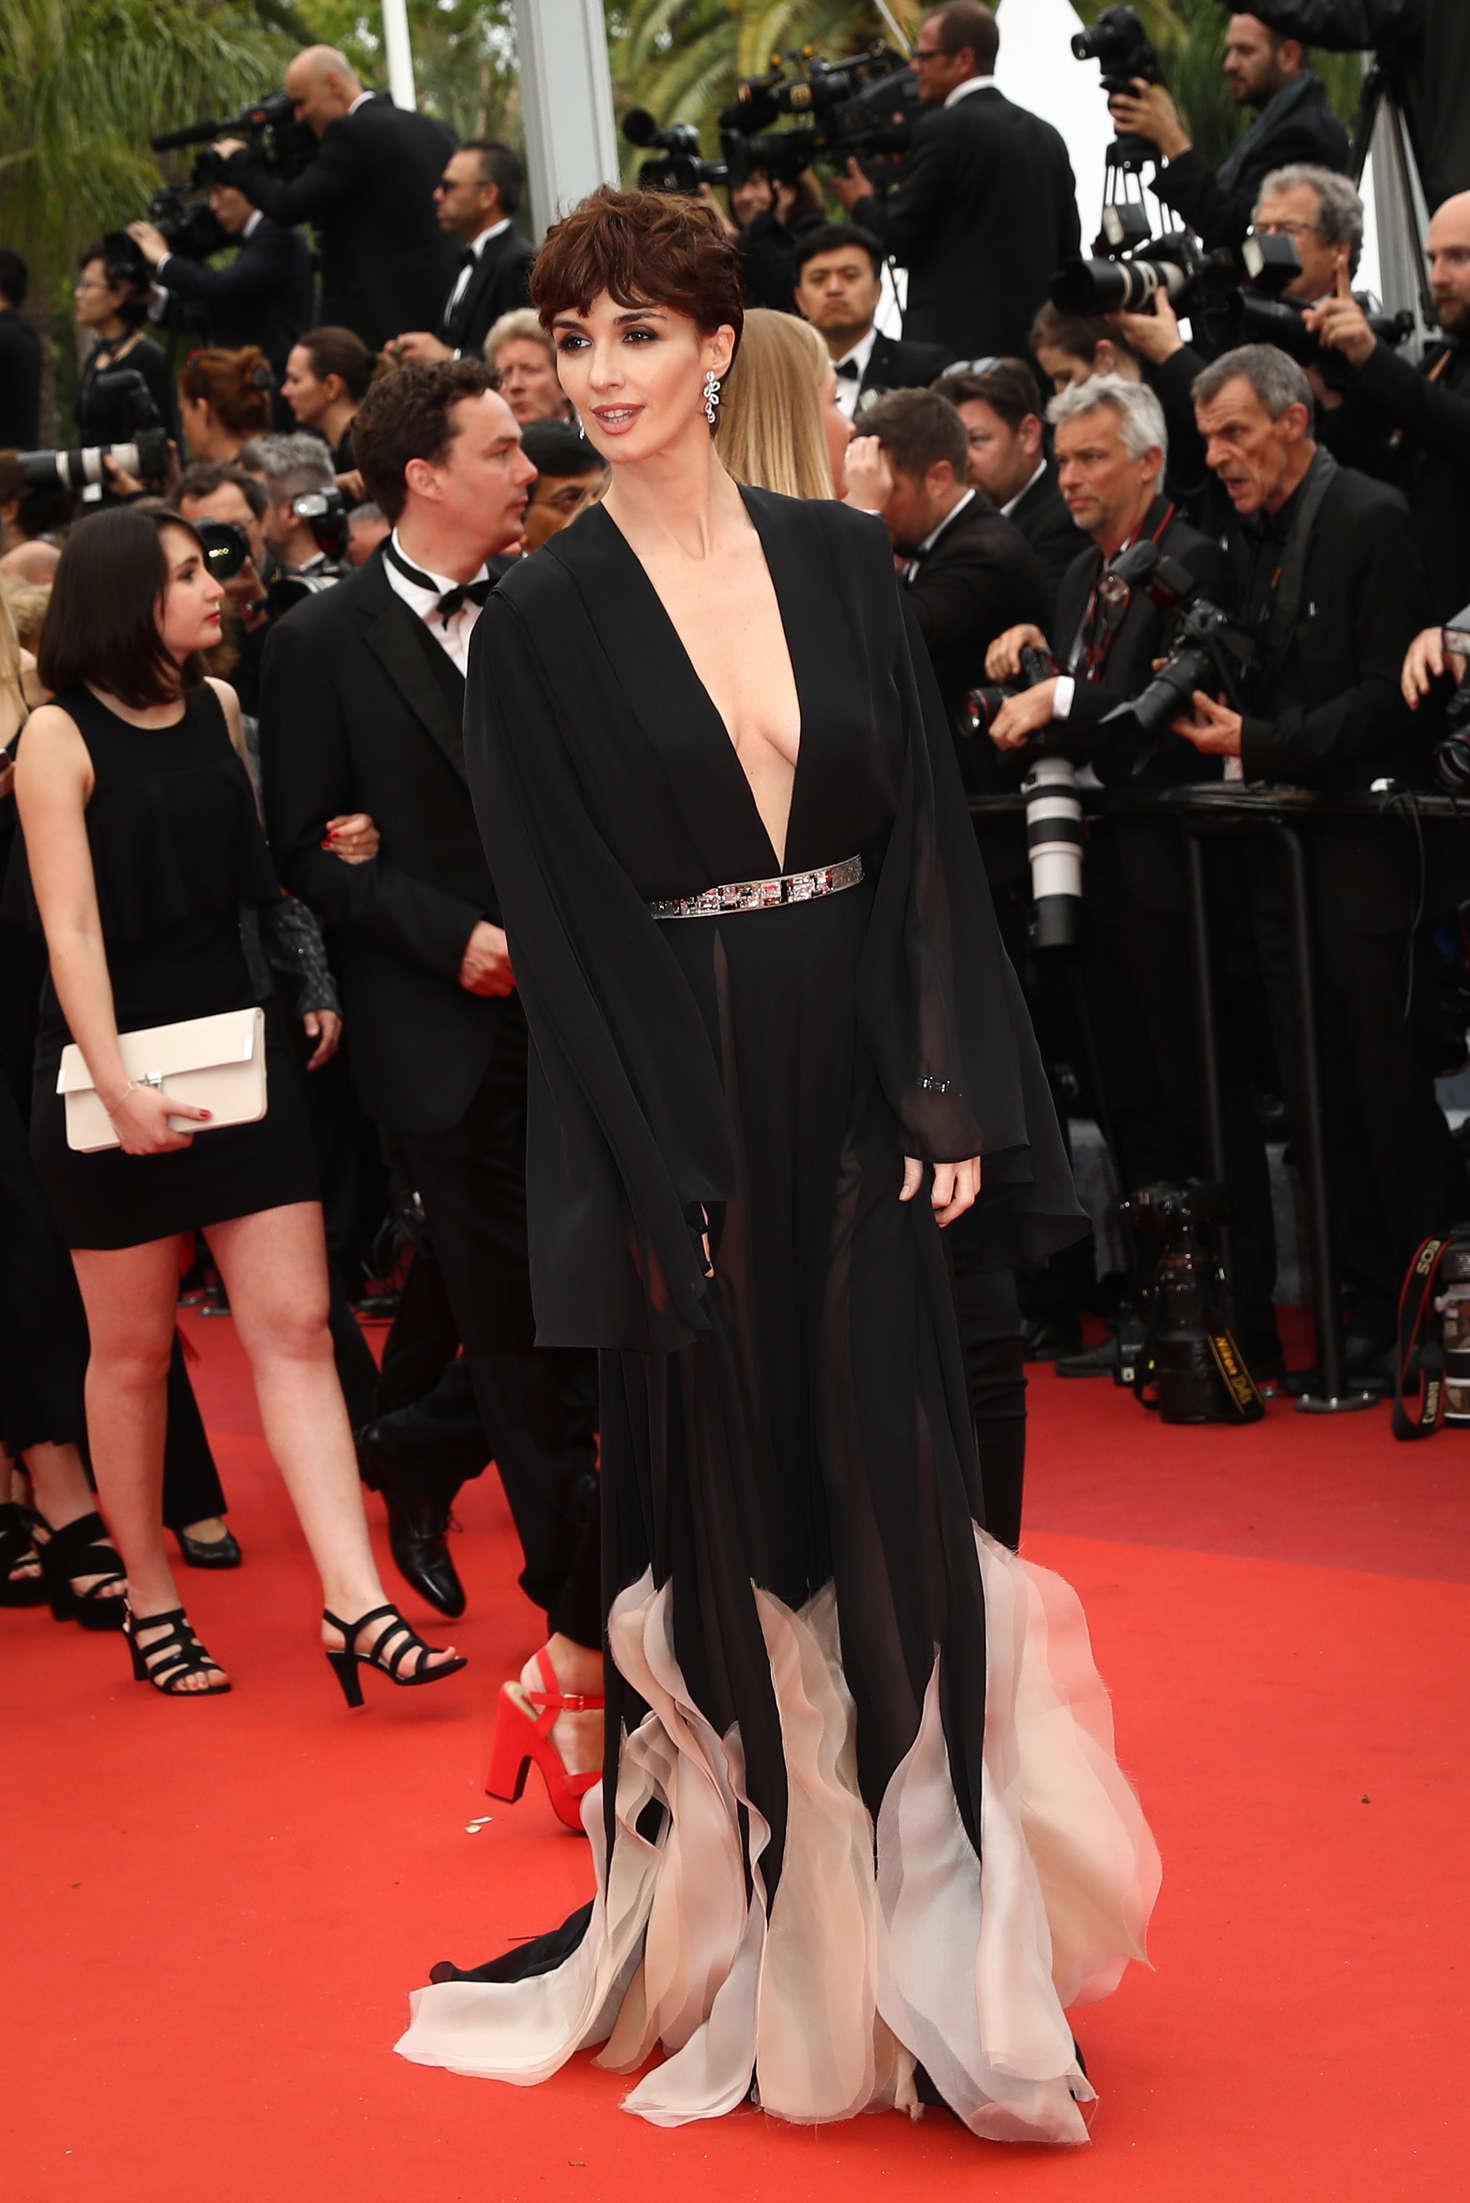 Paz Vega 2016 : Paz Vega: The BFG Premiere at 2016 Cannes Film Festival -05